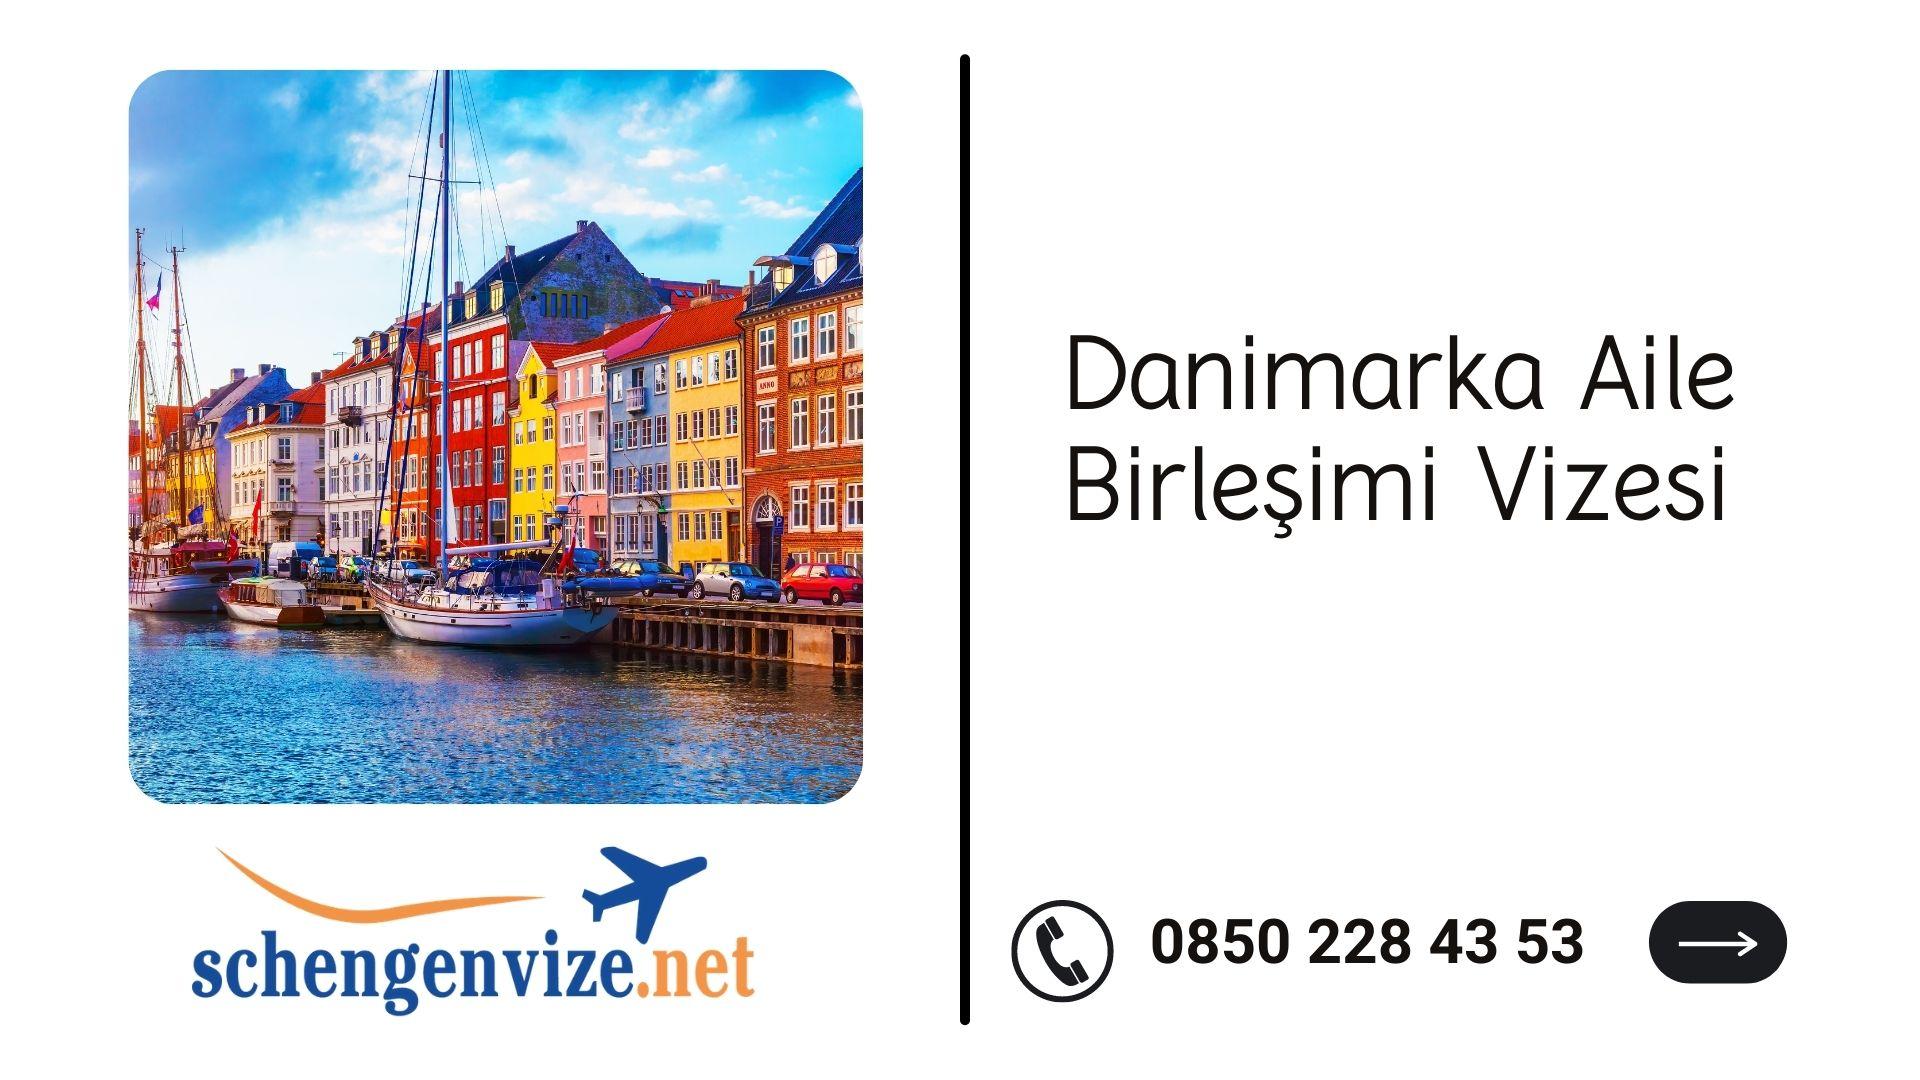 Danimarka Aile Birleşimi Vizesi